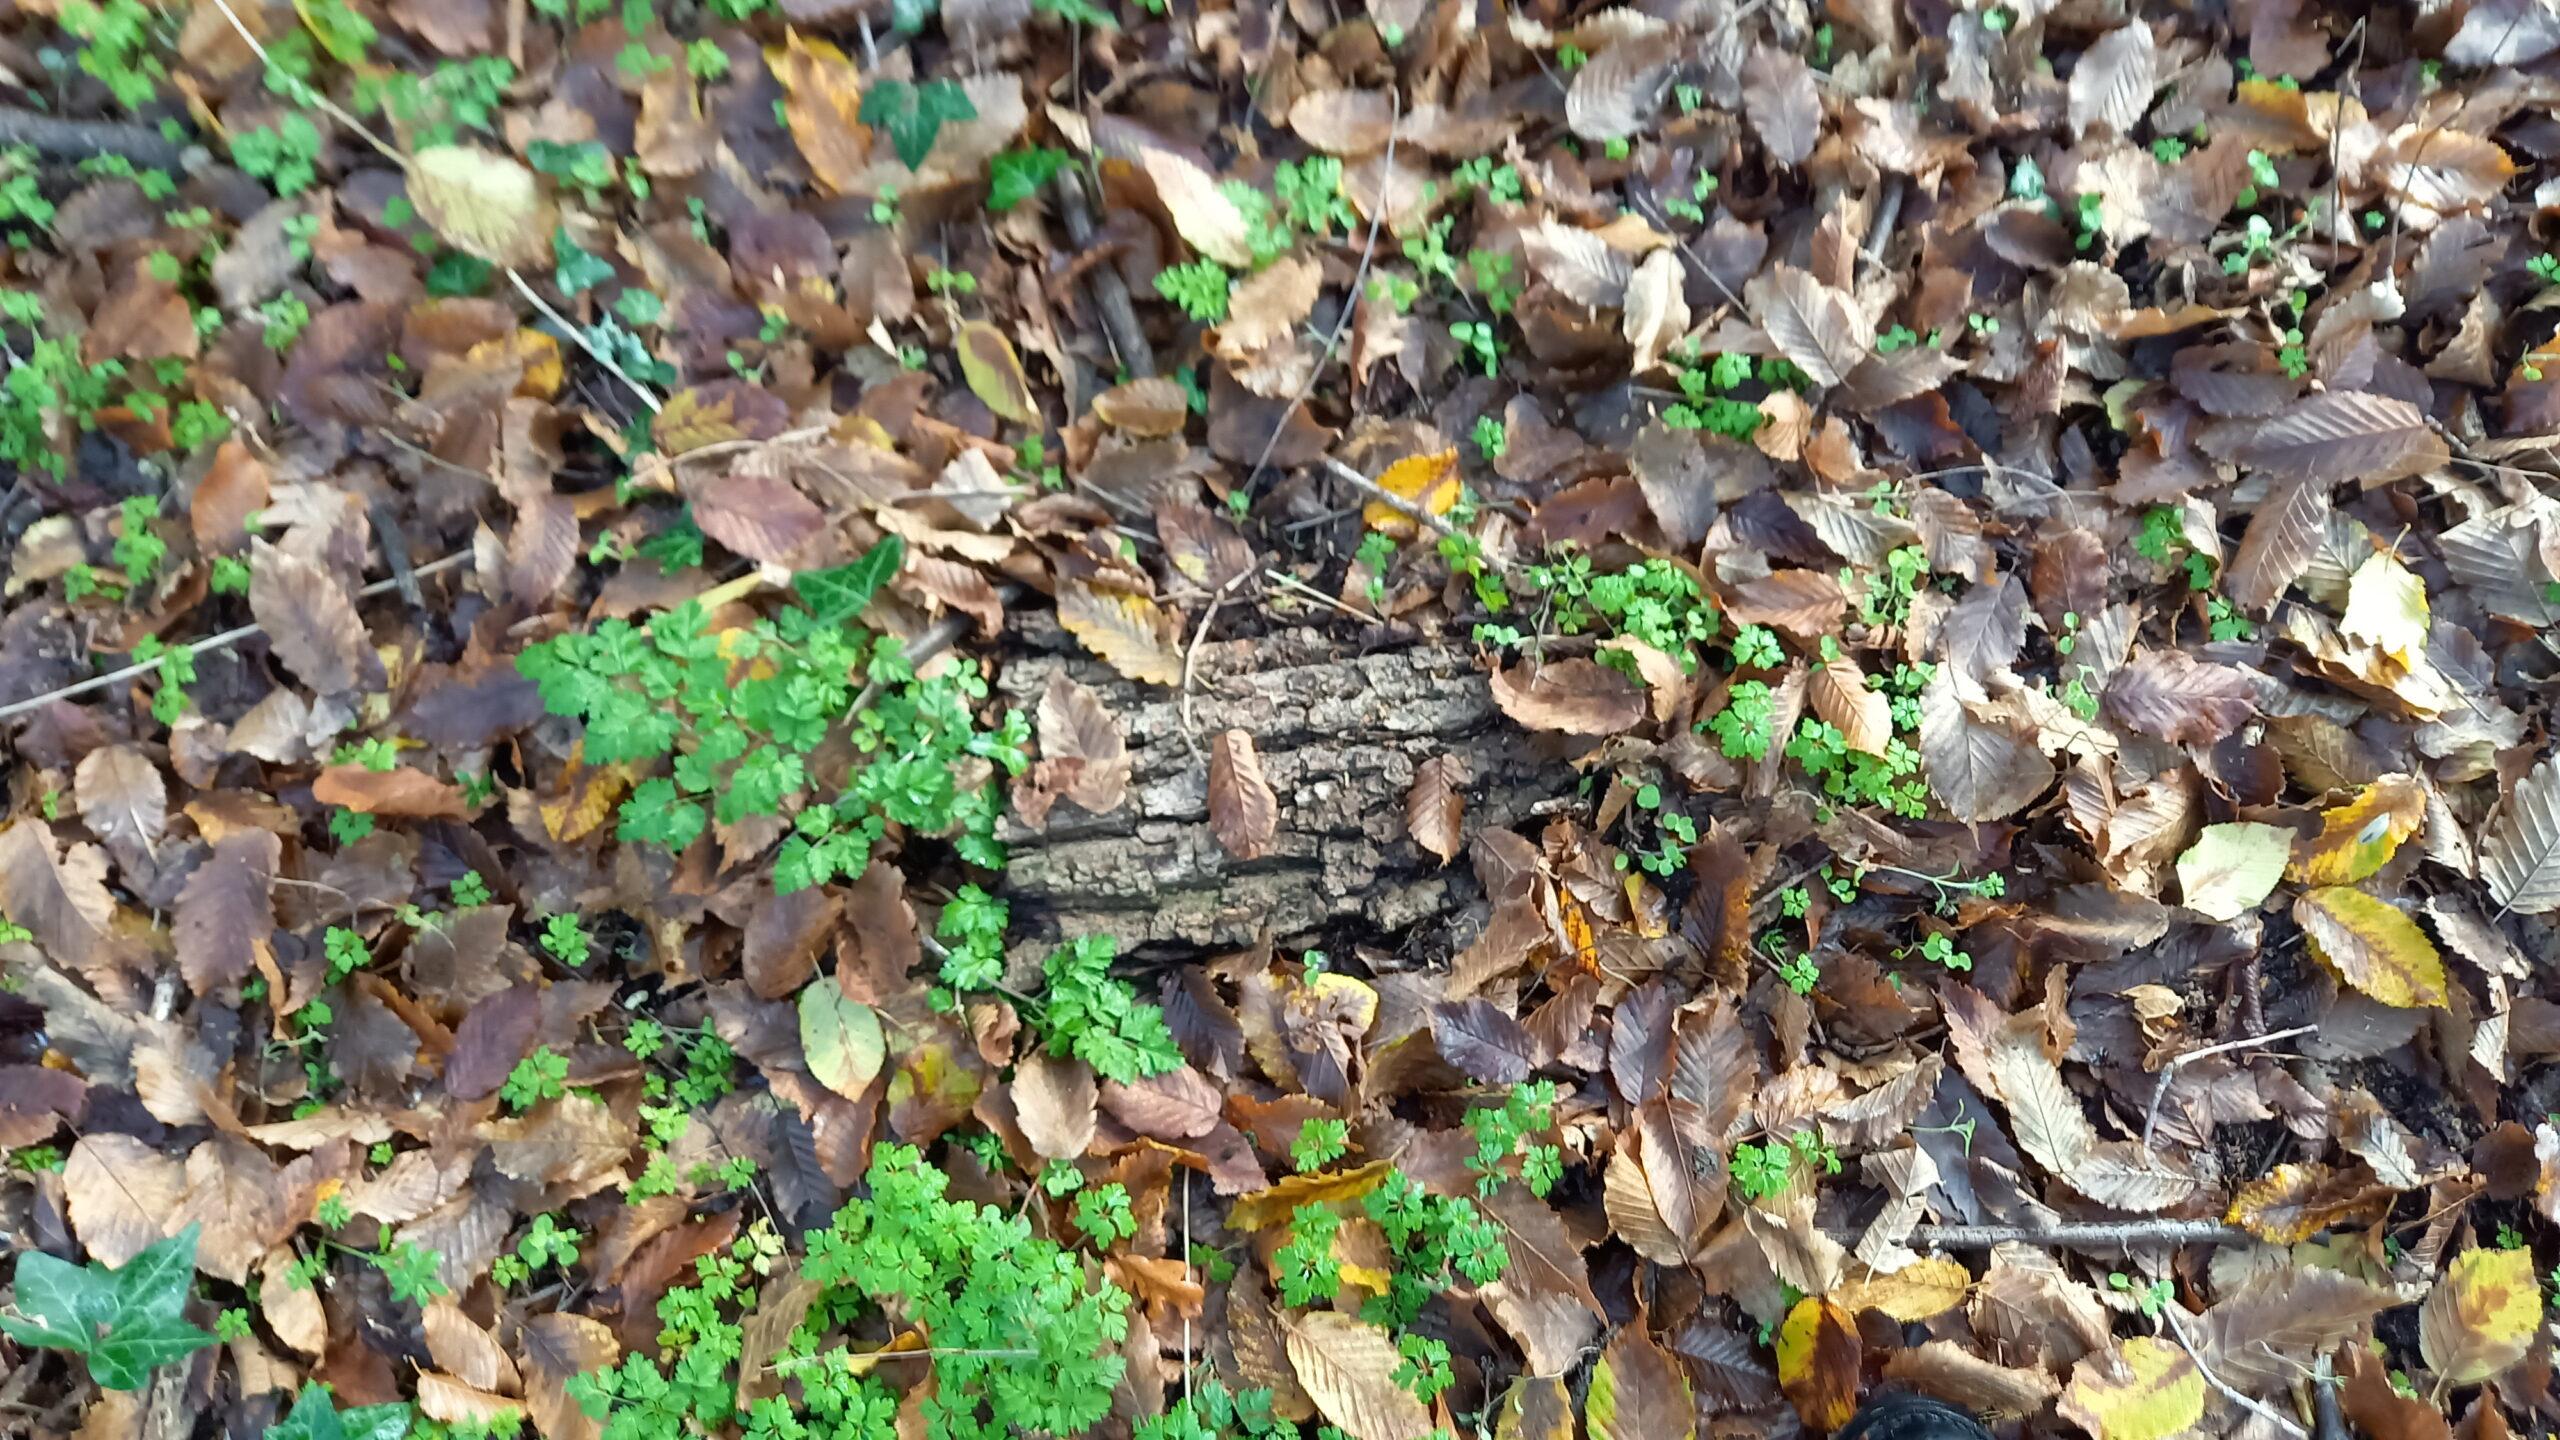 Morceau d'écorce au sol recouvert de feuilles mortes.